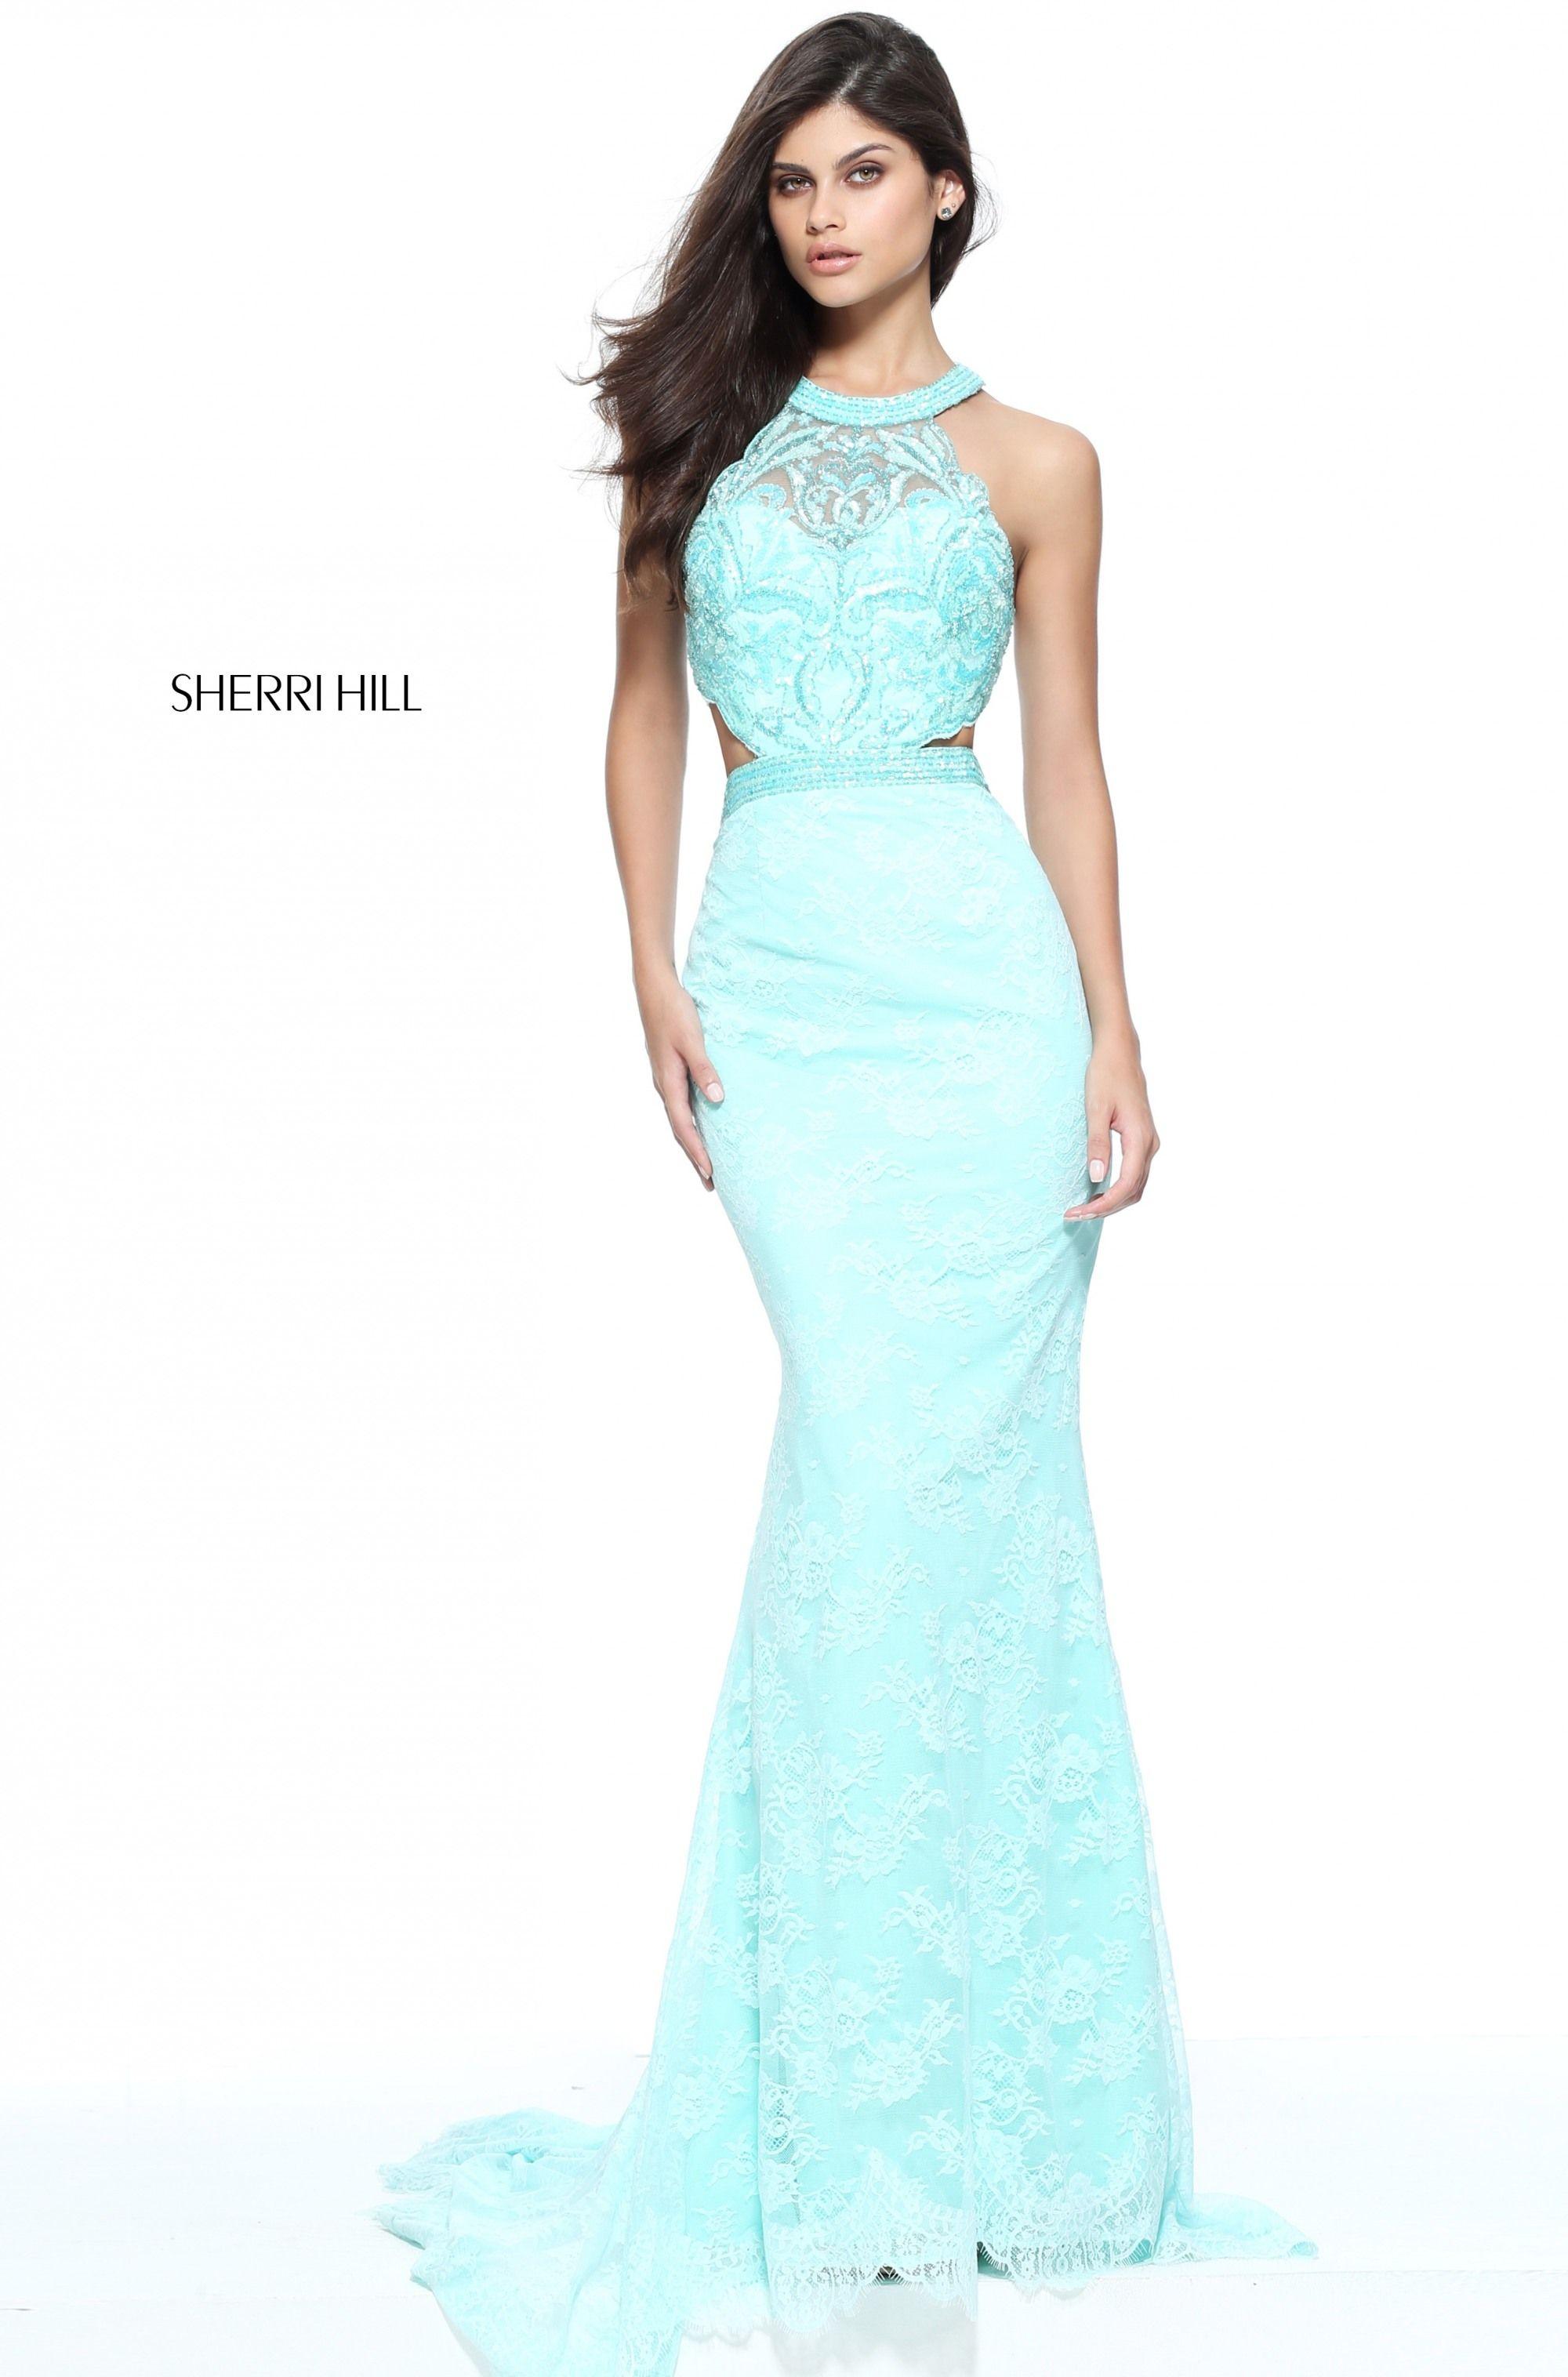 Sherri Hill 51095 - International Prom Association | Sherri Hill ...